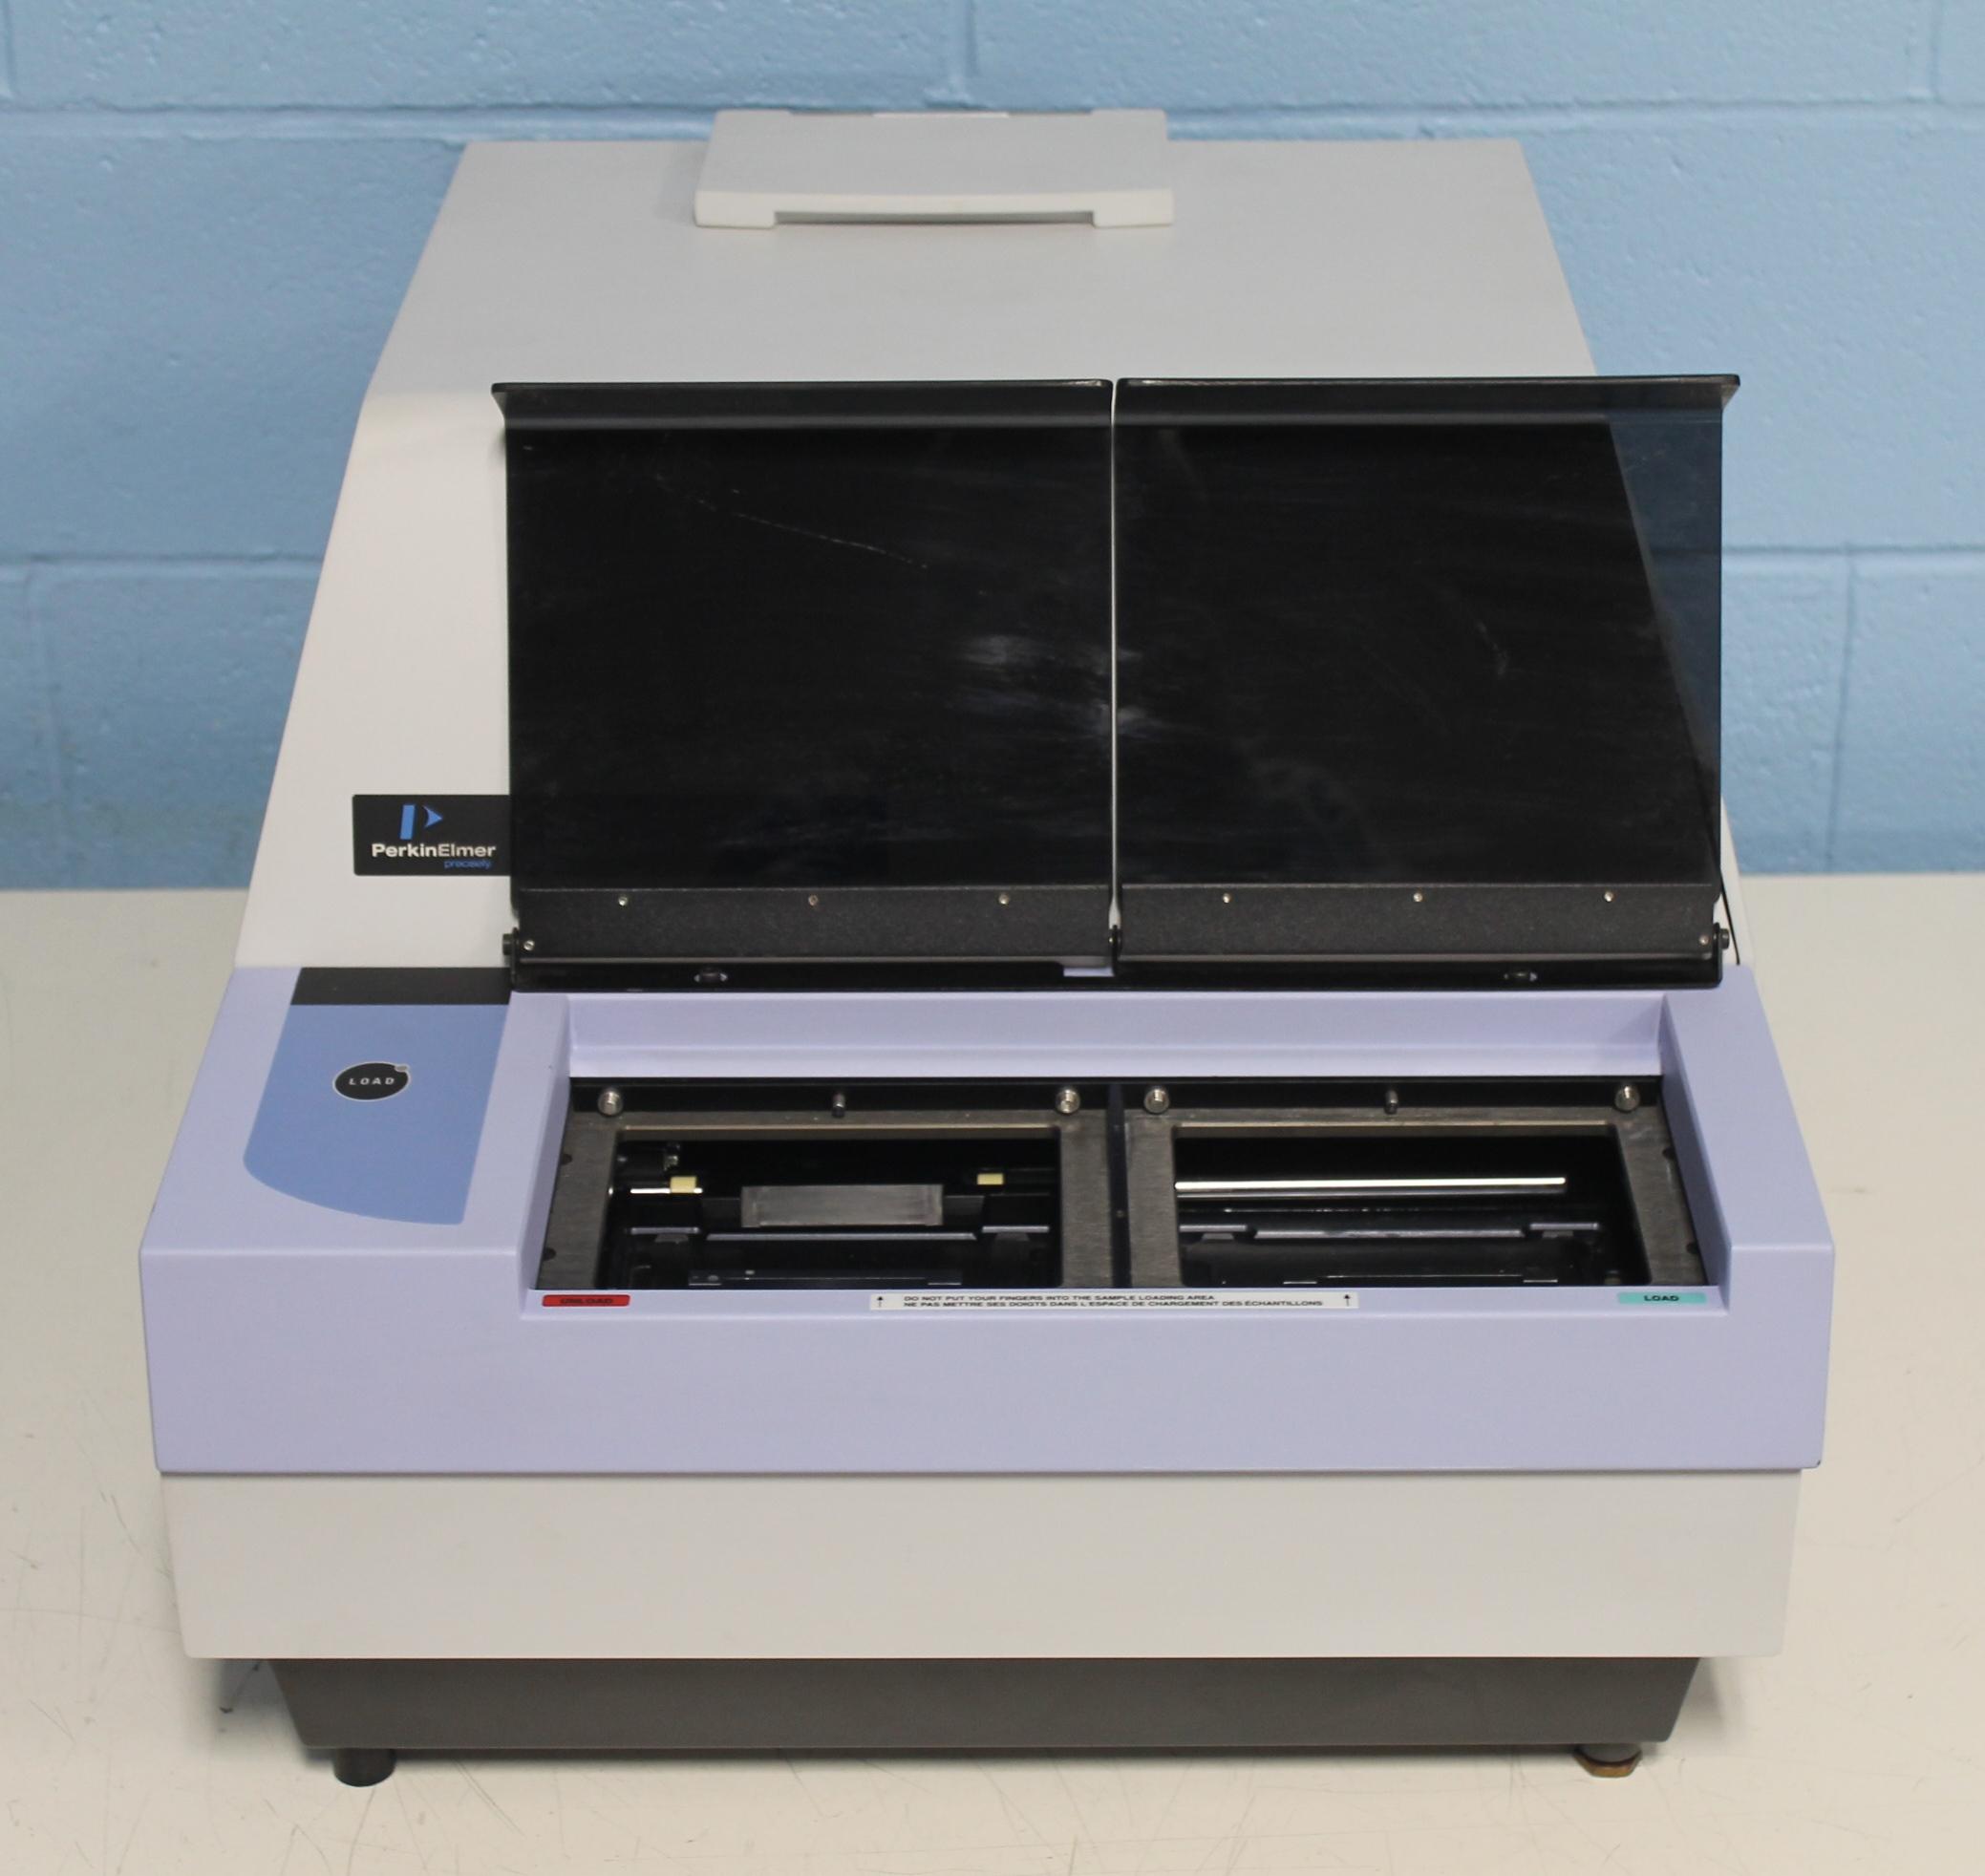 Perkin Elmer Victor3 V 1420-041 Multilabel Plate Reader Image